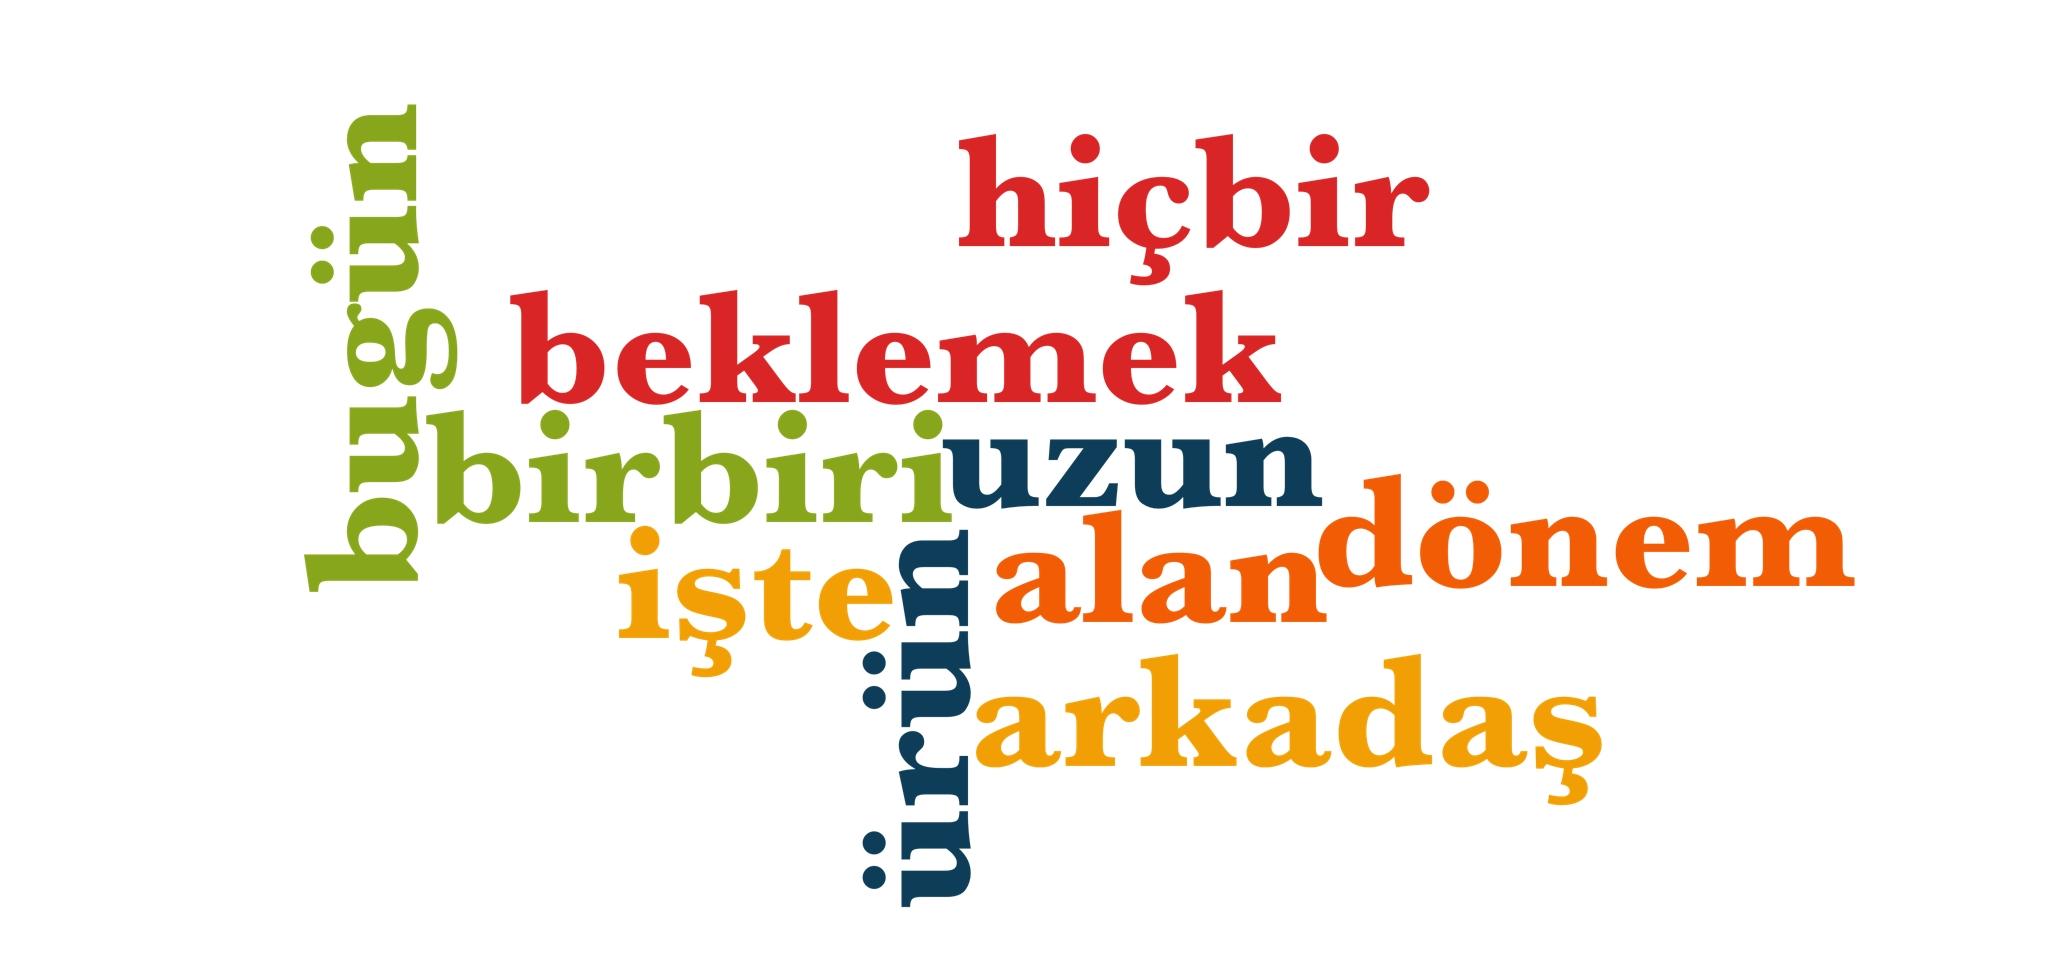 Wörter 191 bis 200 der 1000 häufigsten Wörter der türkischen Sprache